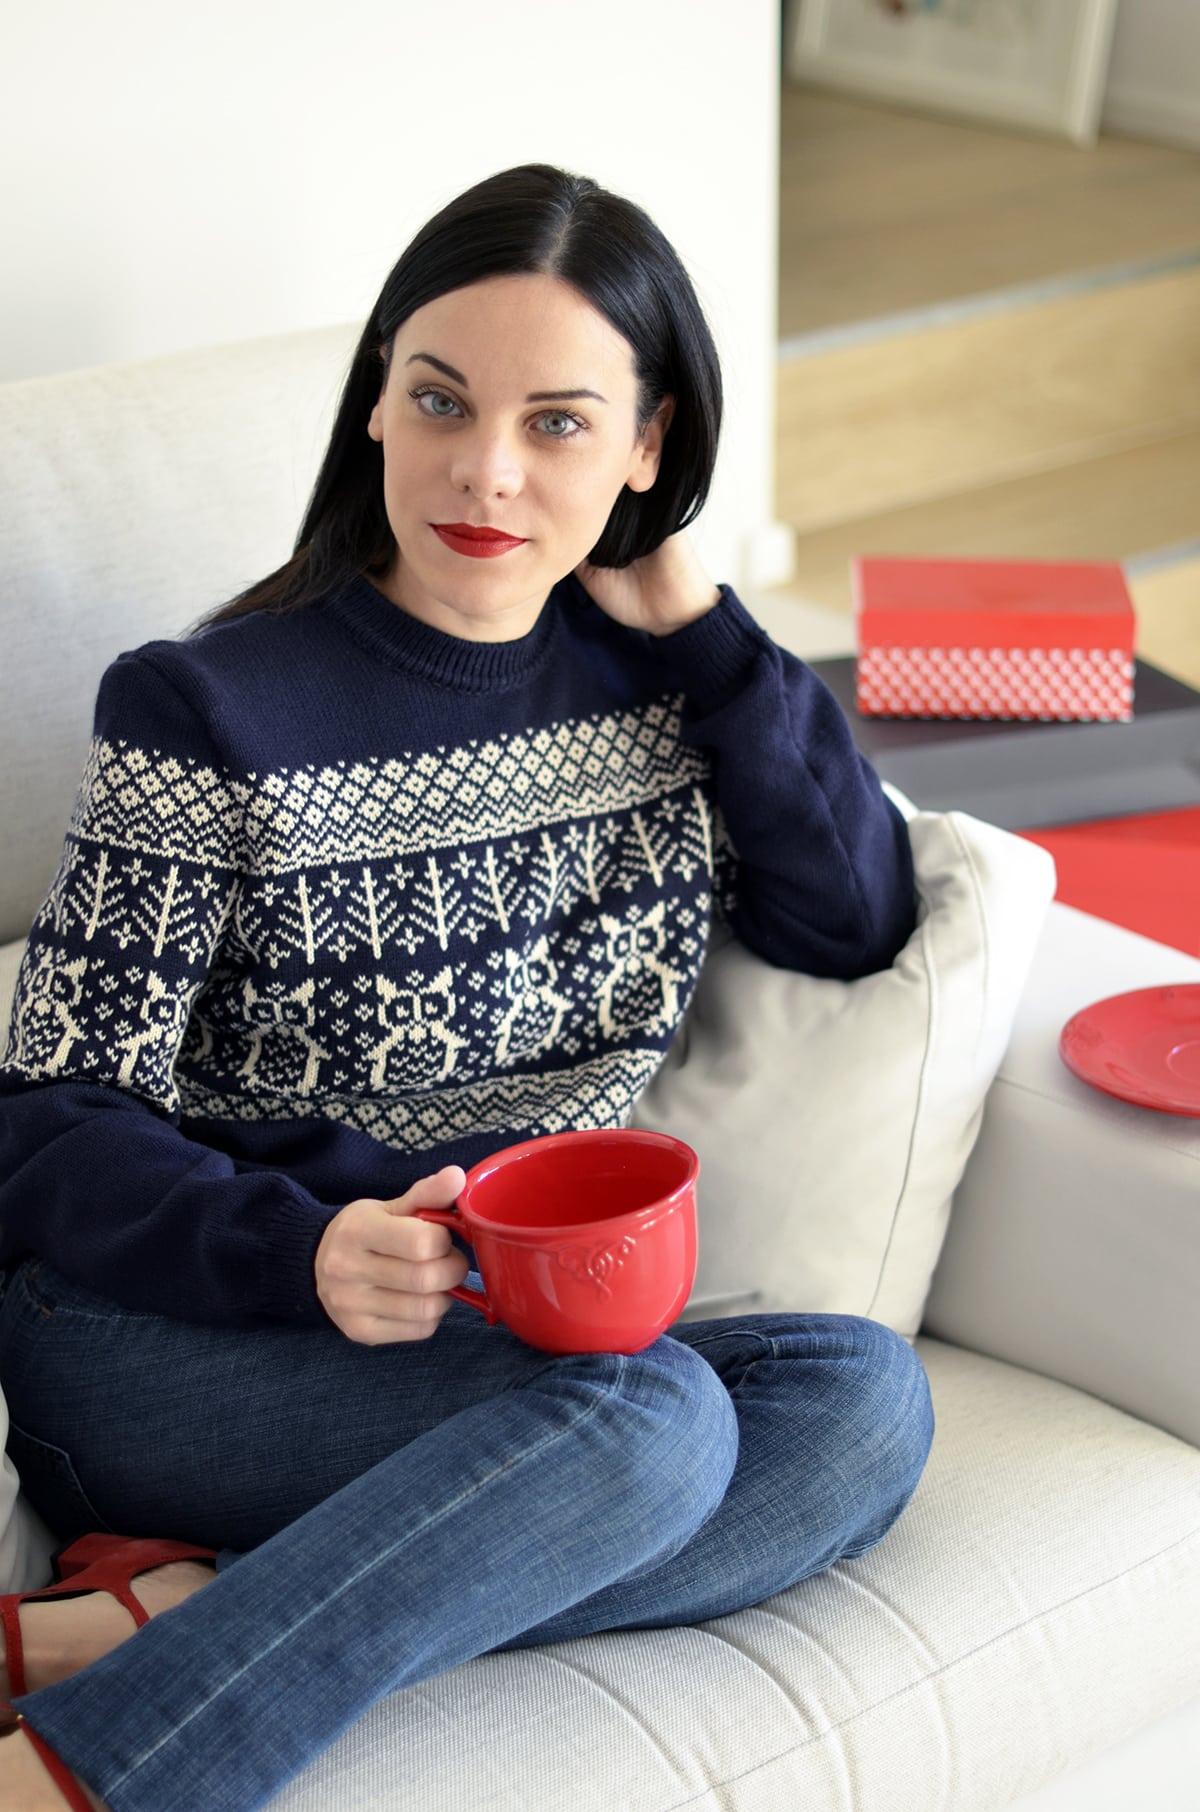 Maglione natalizio 2016: scopri come vincerne uno fatto a mano su misura per te